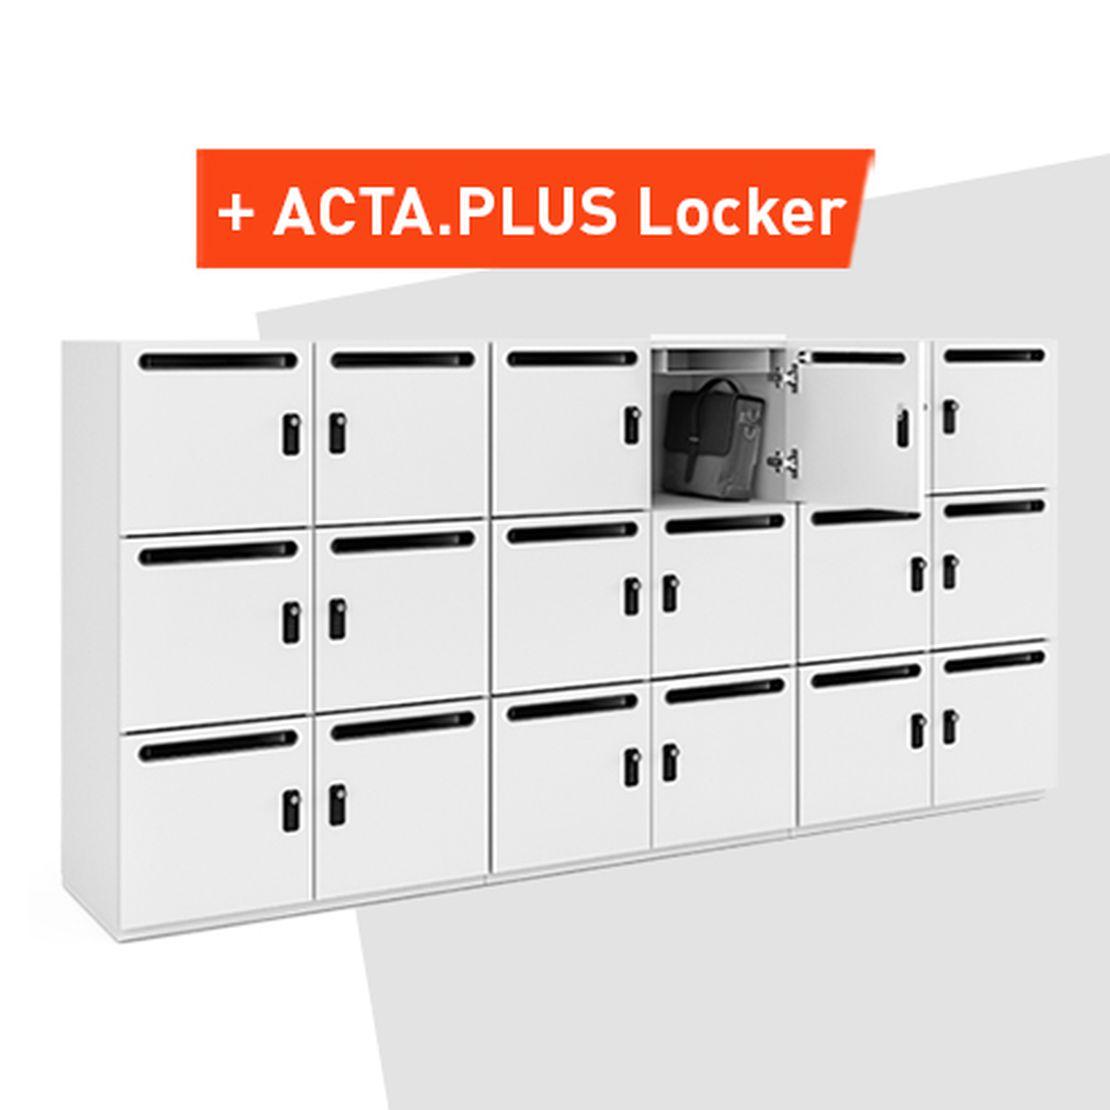 Lockerschränke zur Aufbewahrung von persönlichen Unterlagen im Büro